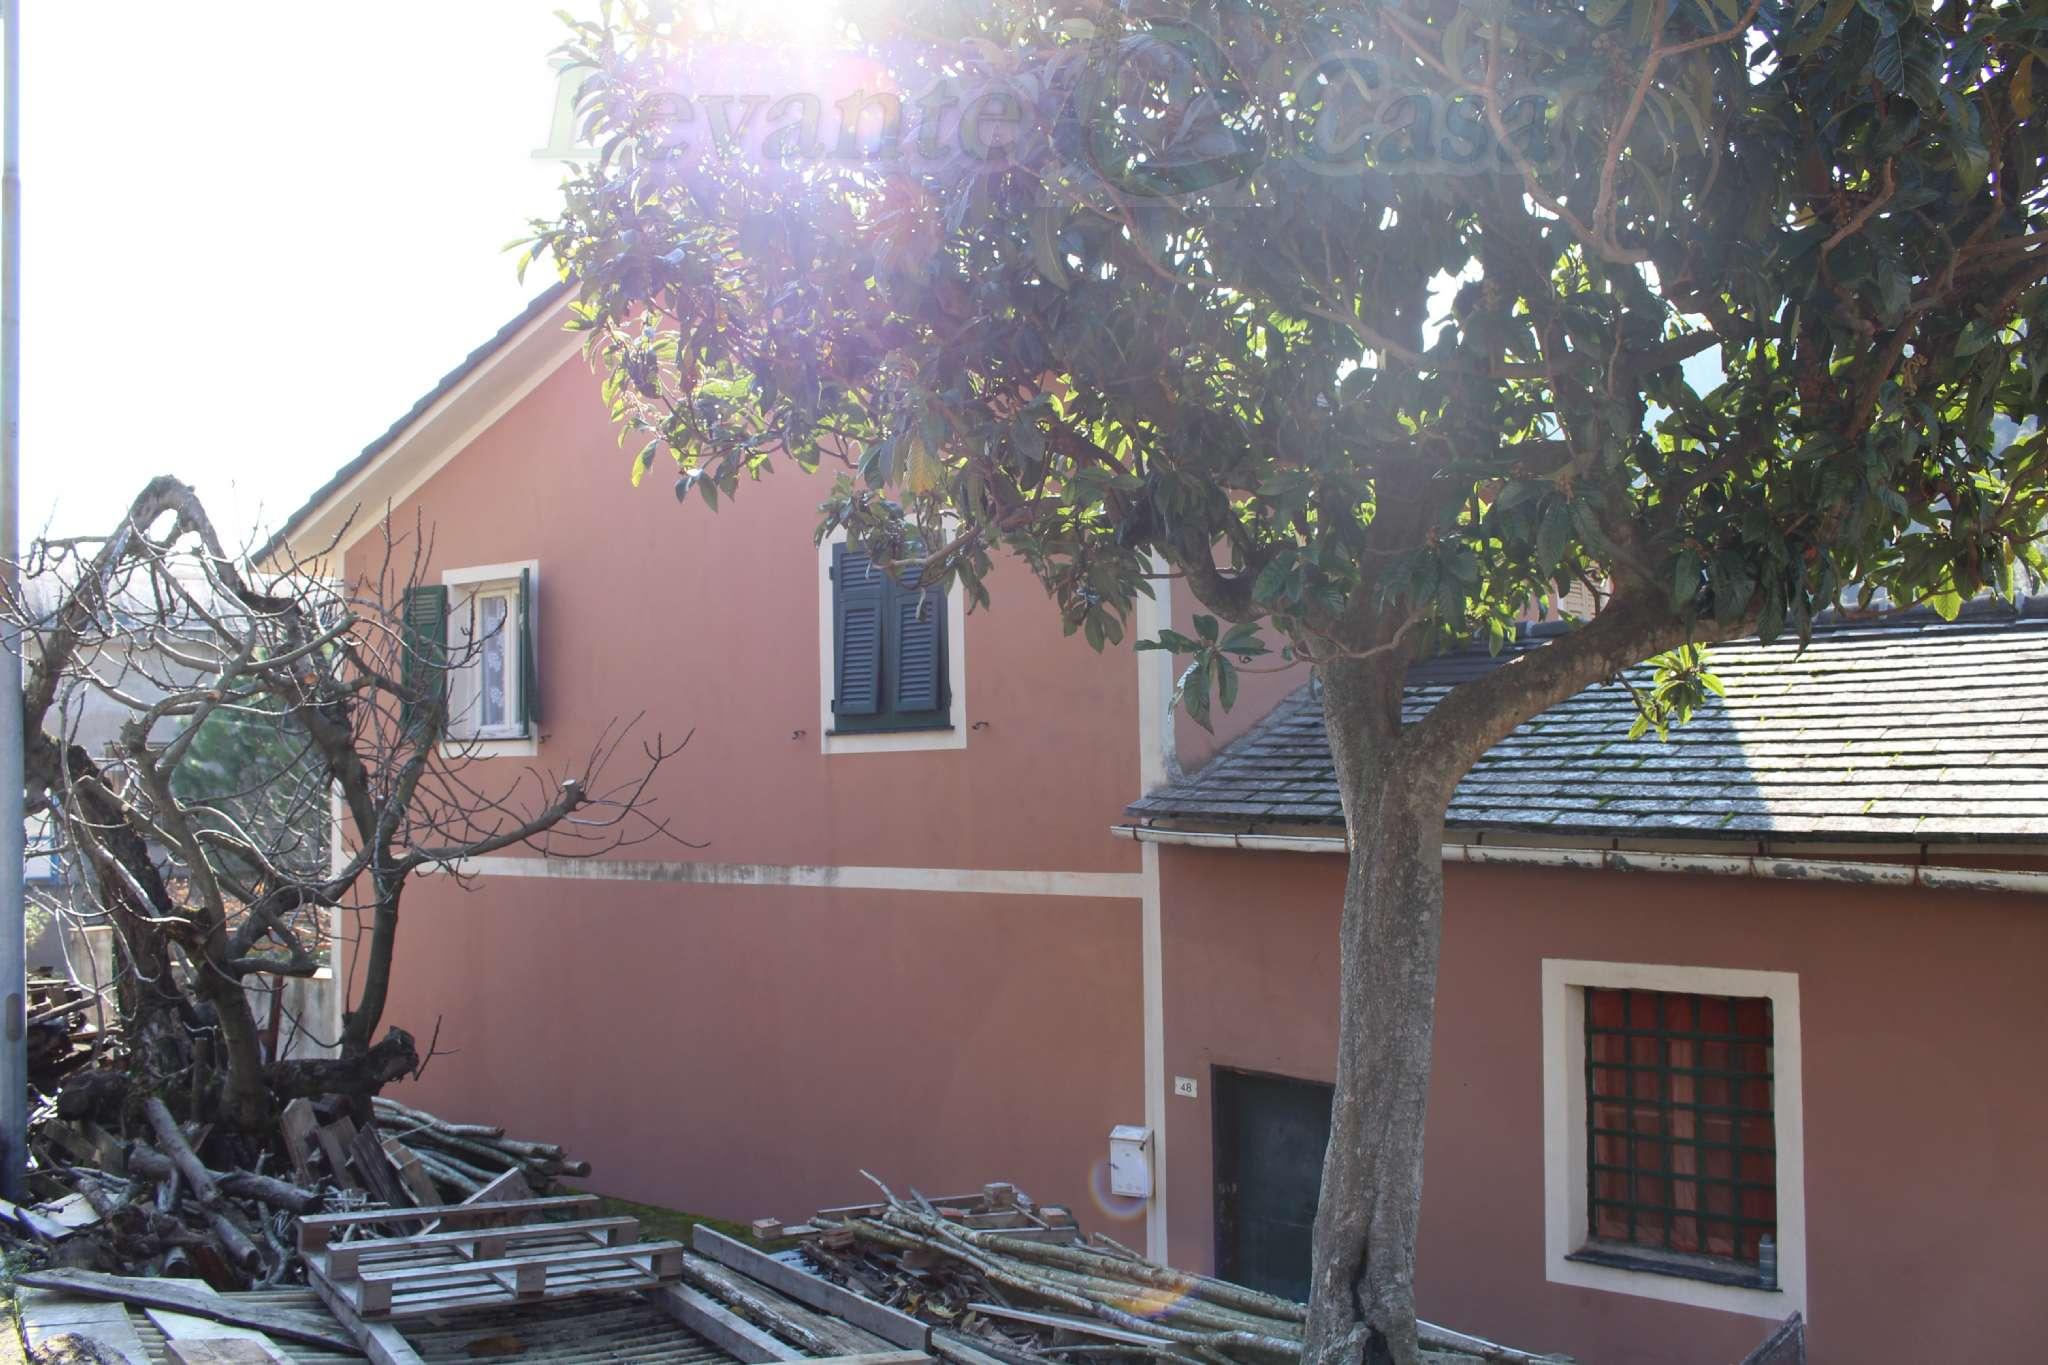 Foto 5 di Terratetto - Terracielo Avegno